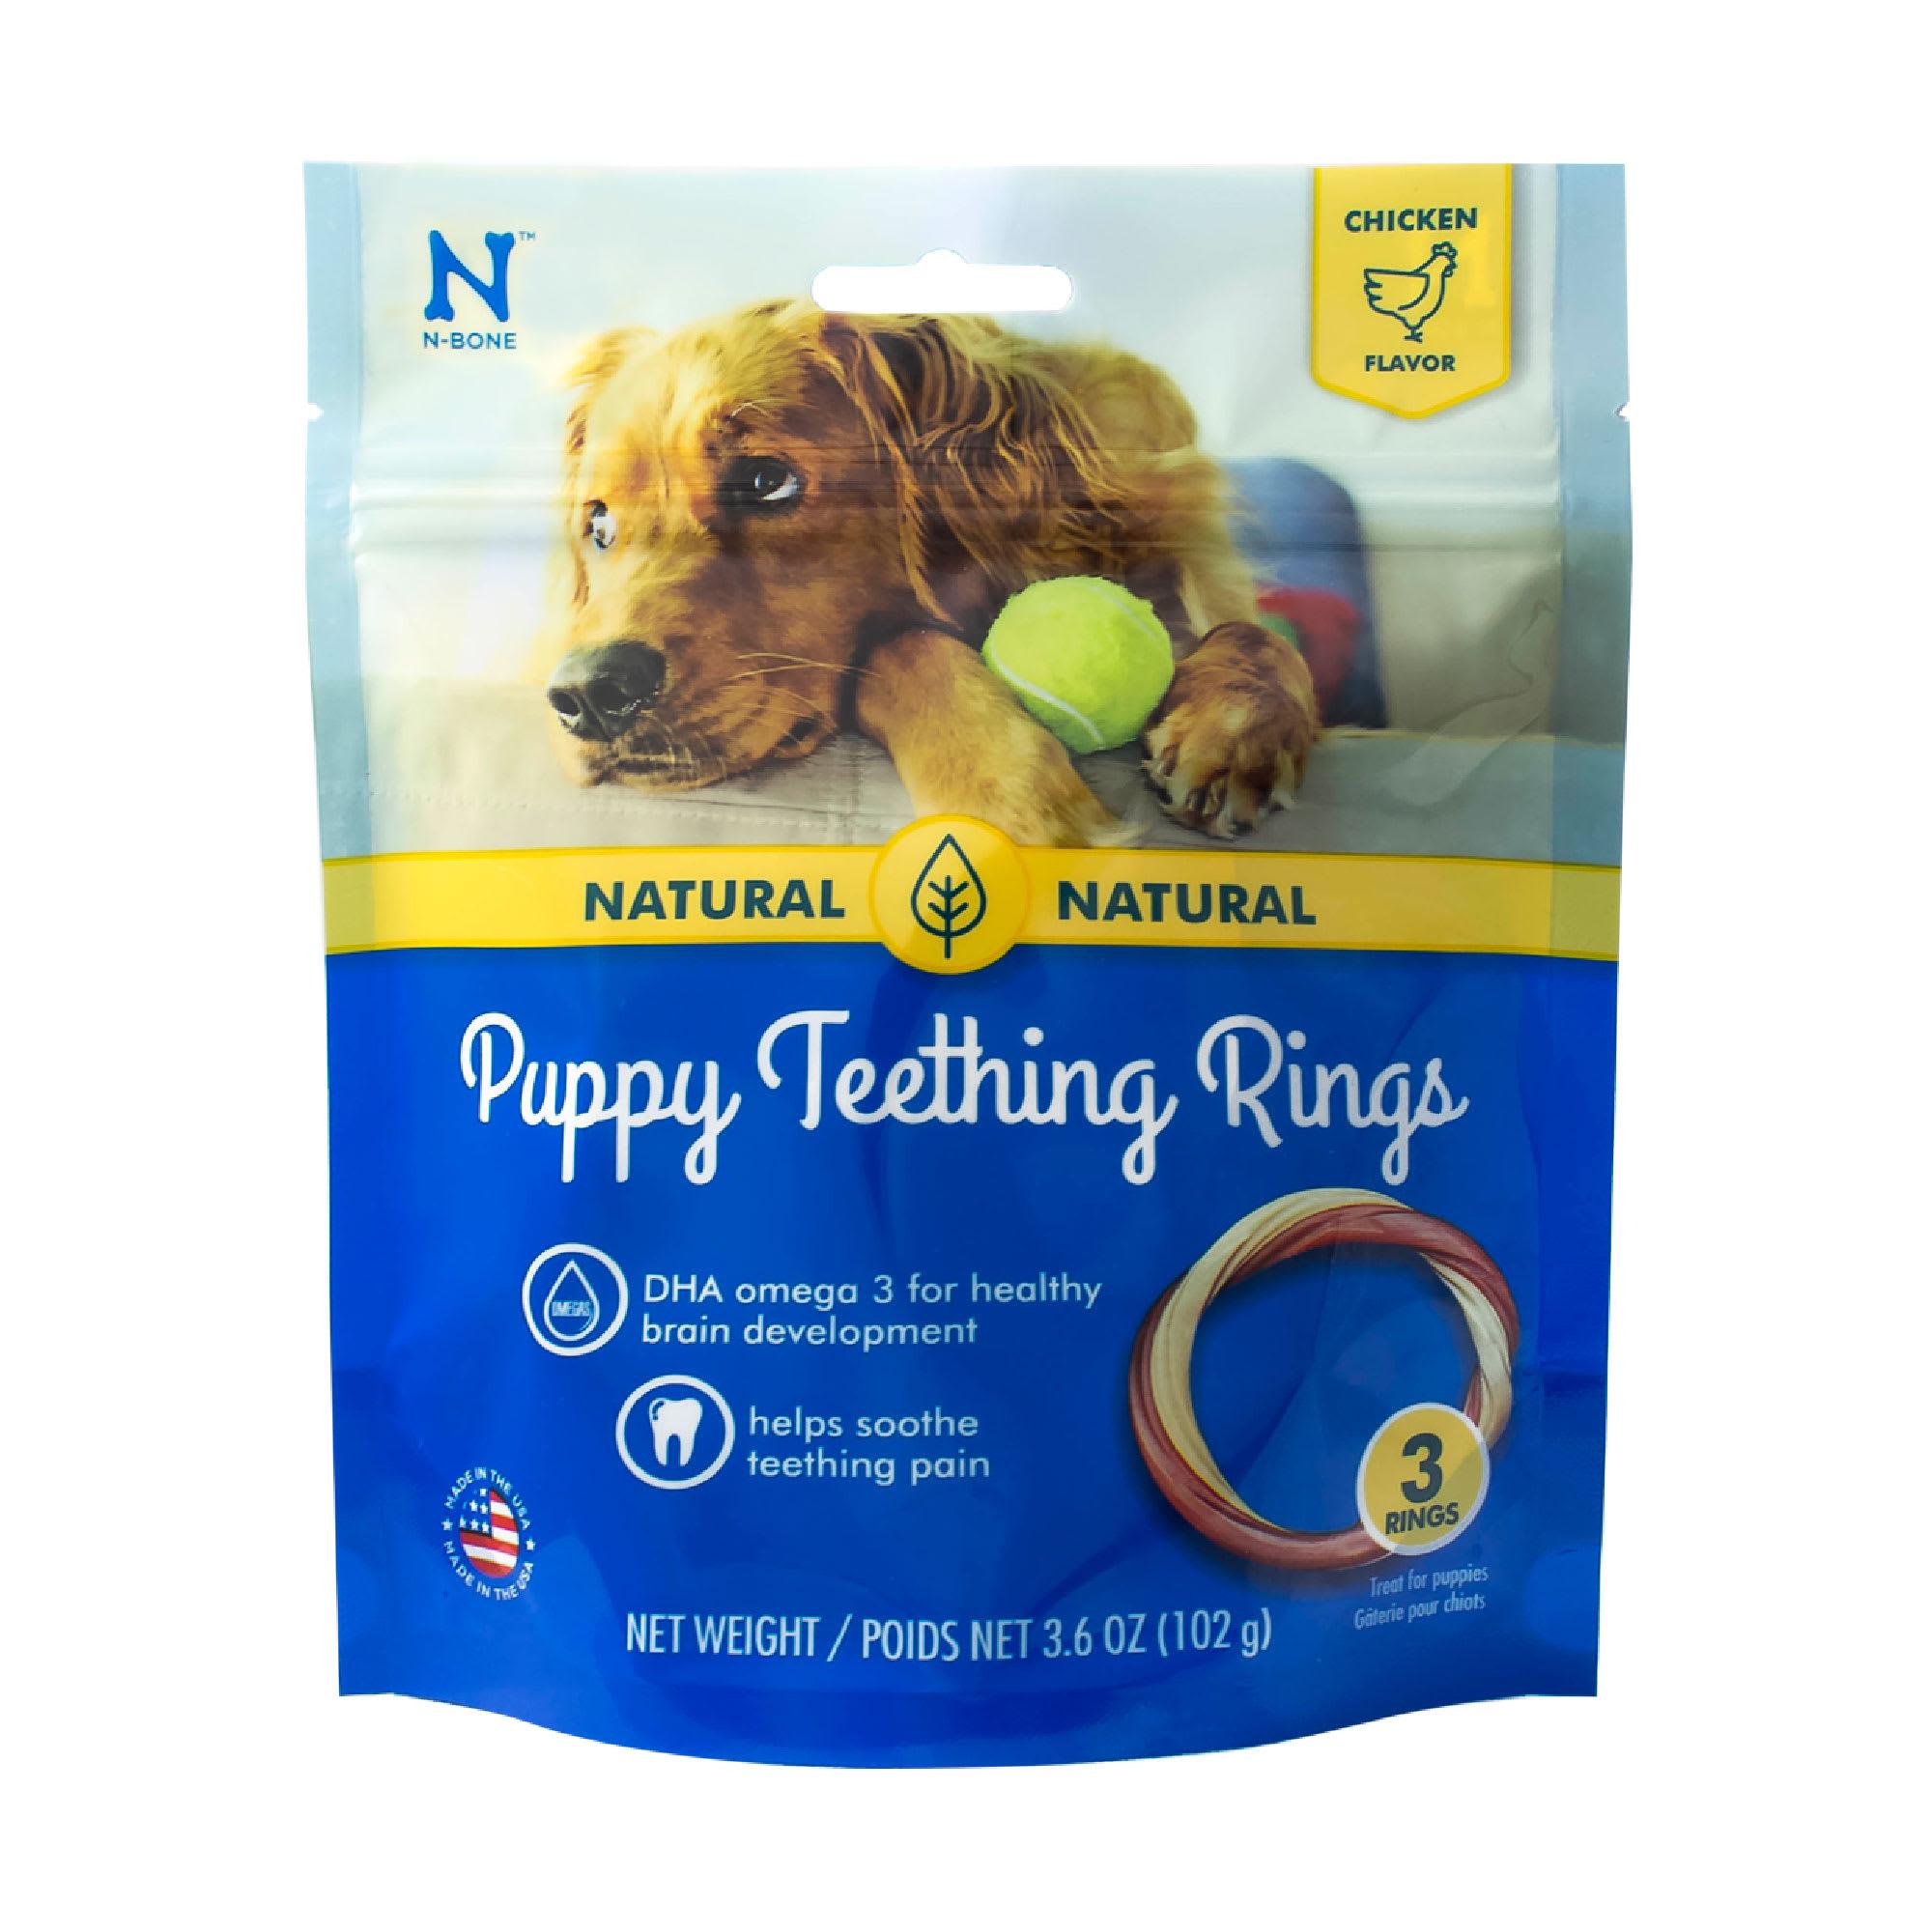 N Bone Puppy Teething Ring 3 Pack